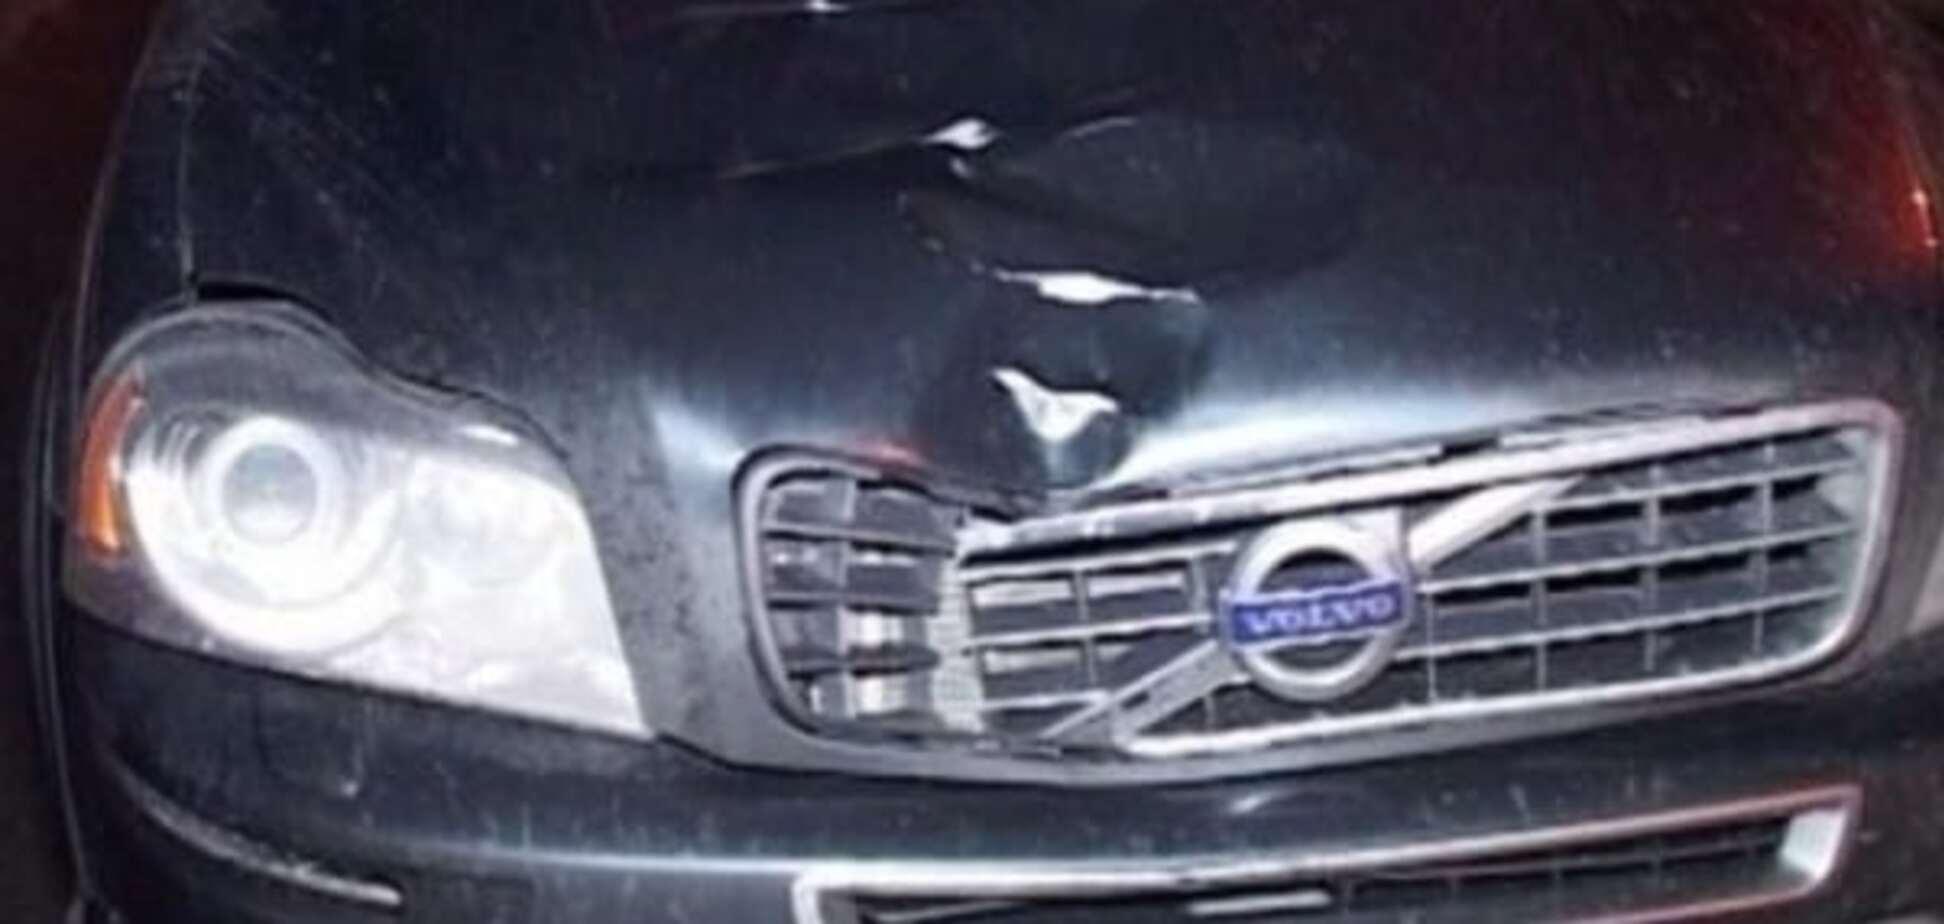 Відбитки пальців і прослушка: правозахисник розповів про ДТП з авто Омельченка